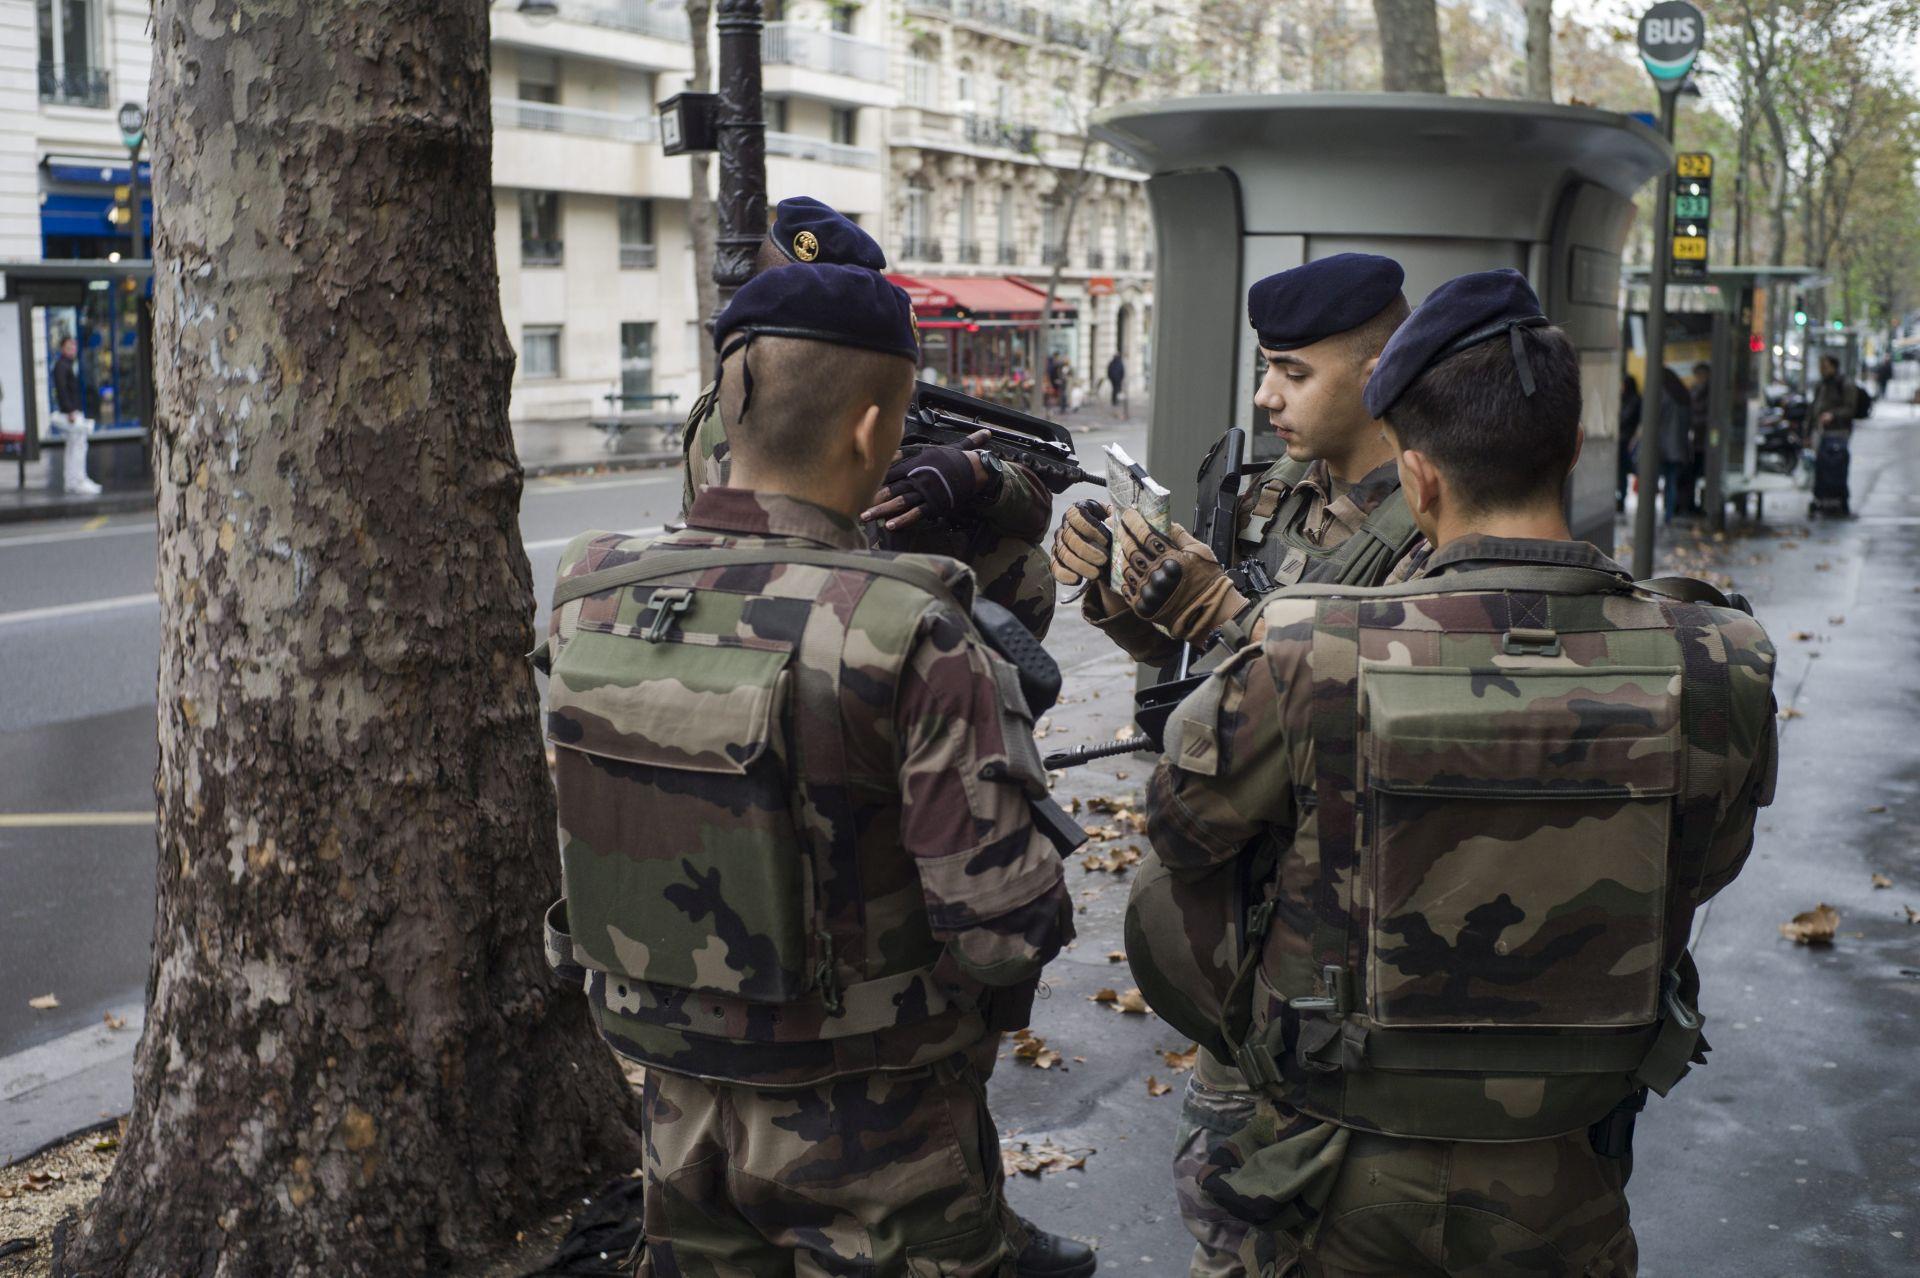 TRUC: 'Francusko društvo je u stanju neviđenom od Drugog svjetskog rata'